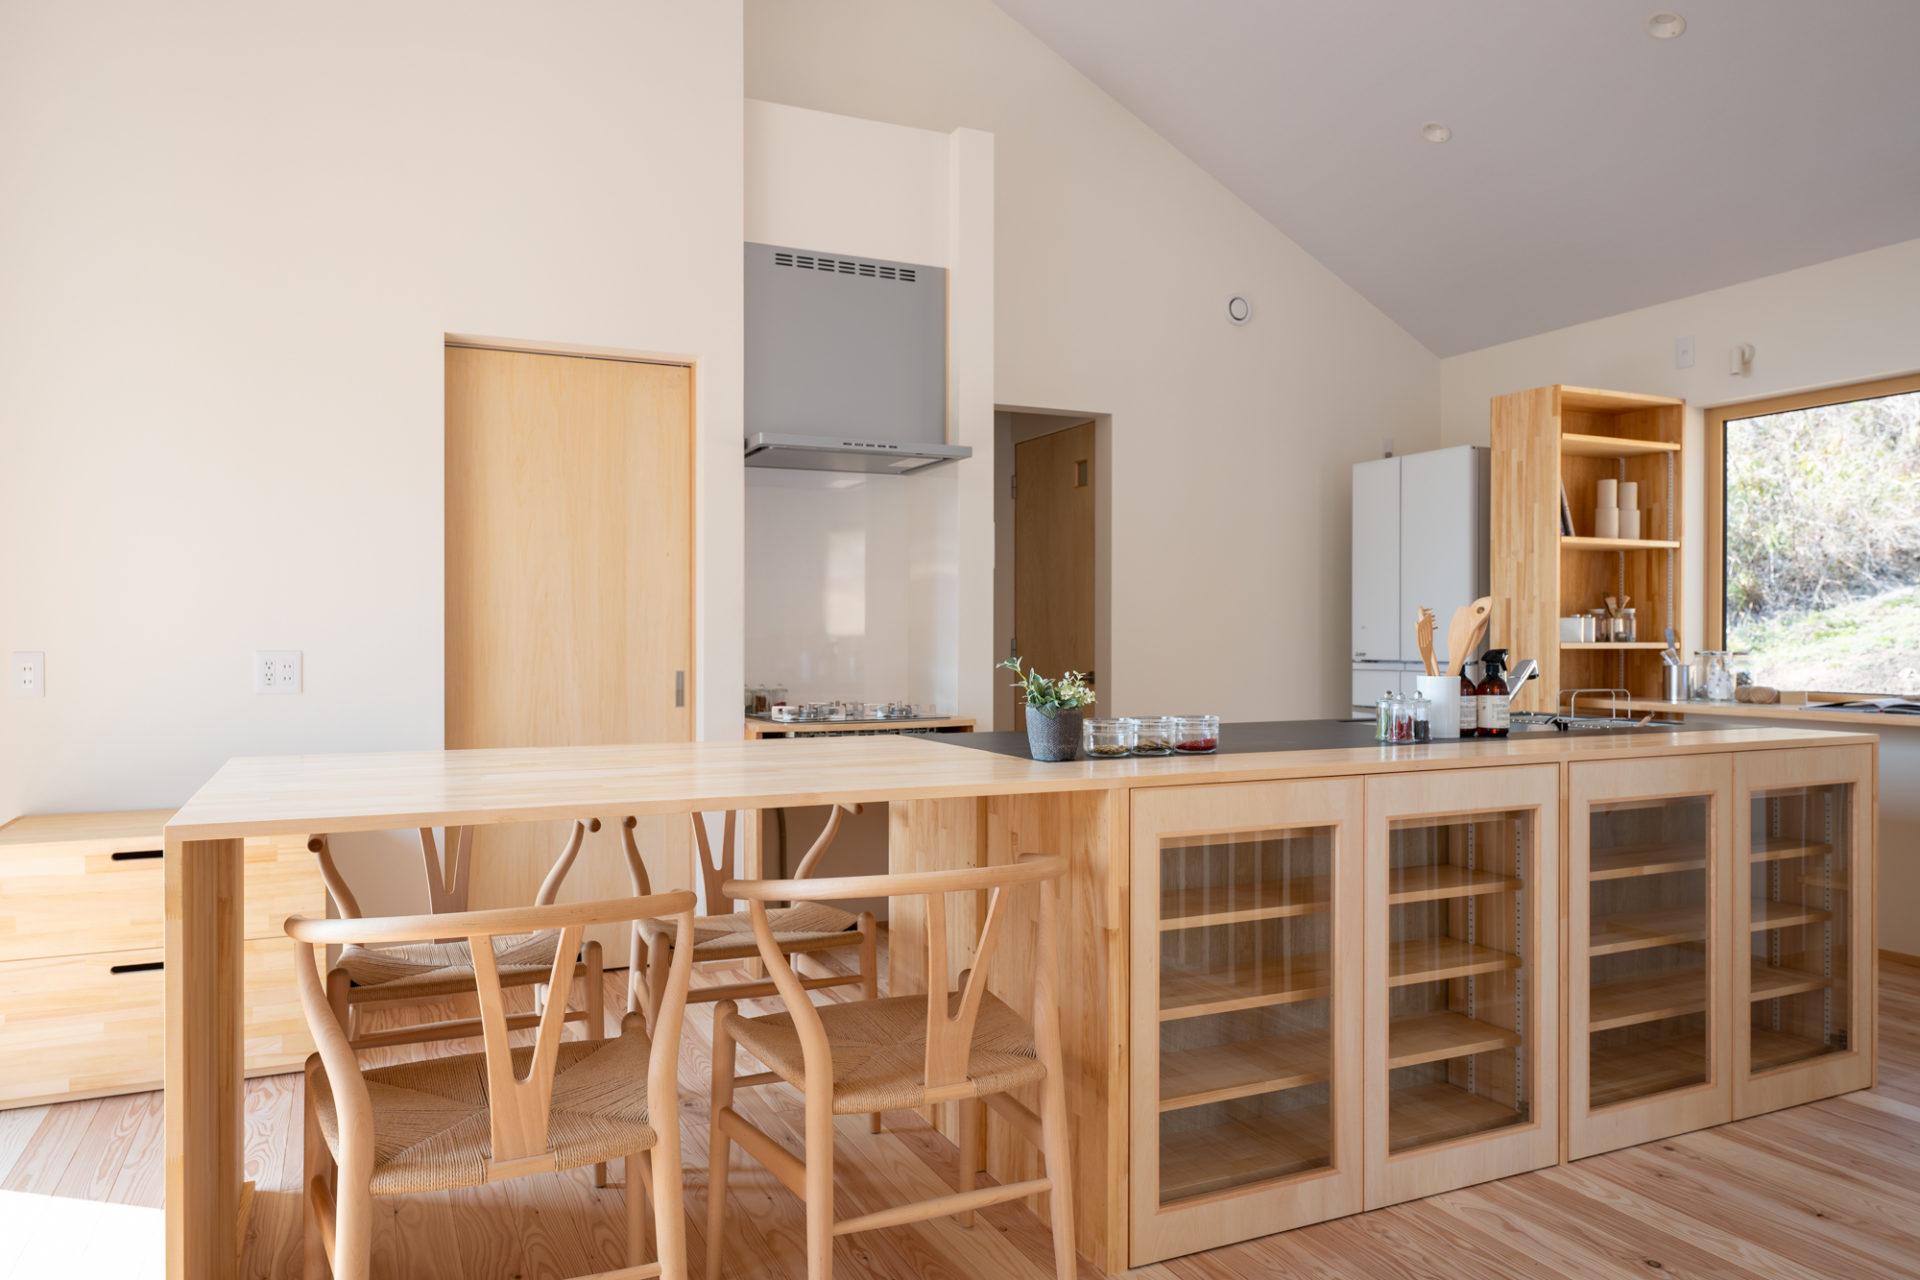 ナチュラルな木目と白い壁が優しい雰囲気のアイランドキッチン